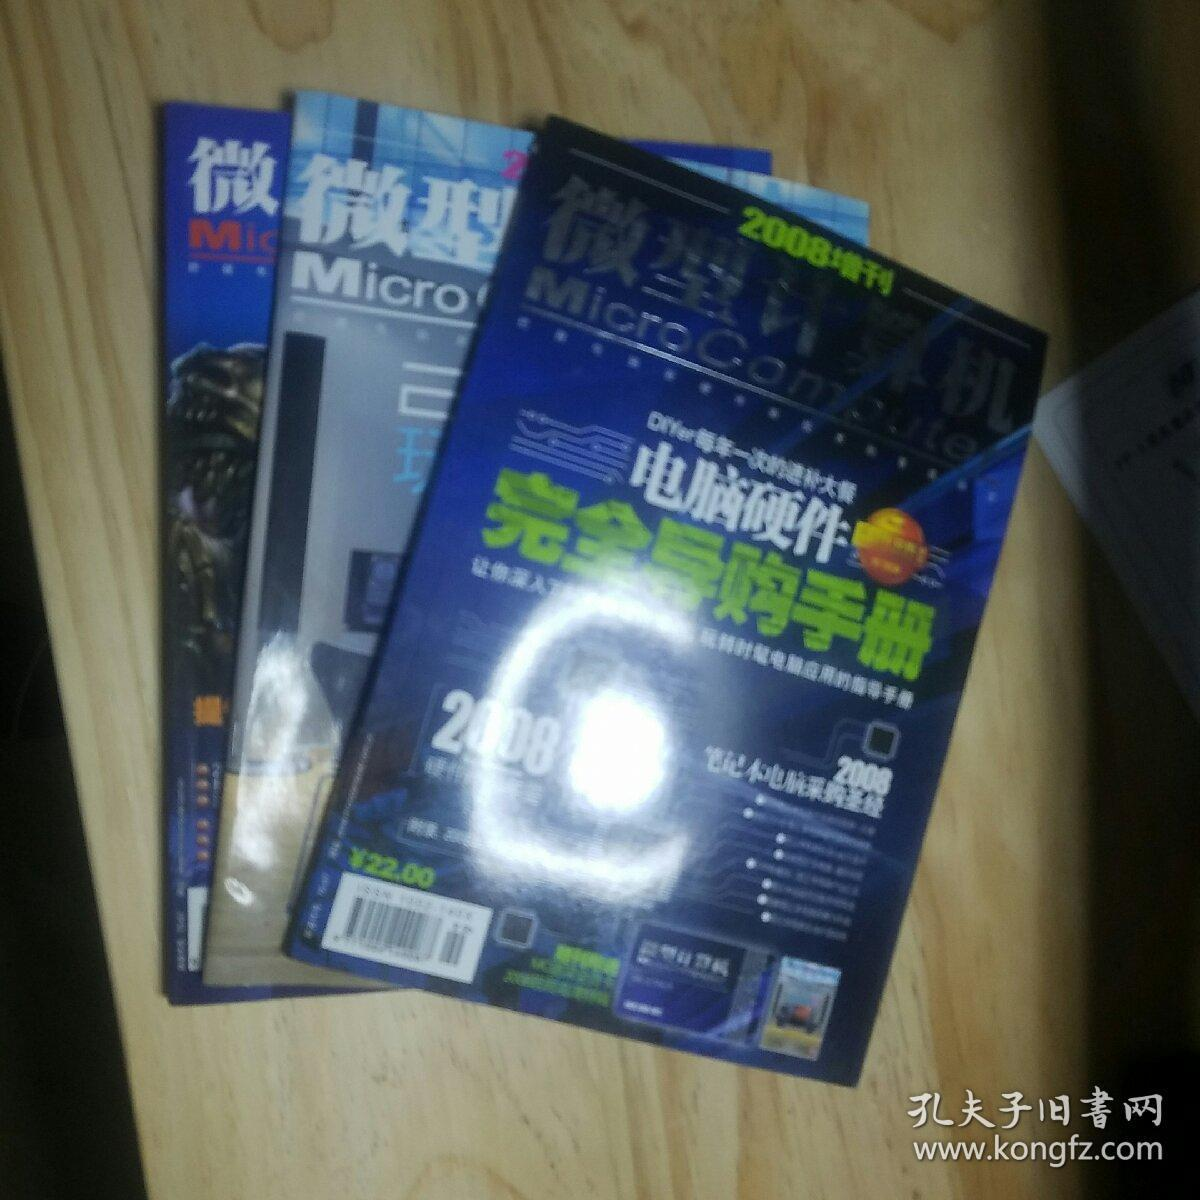 2008年 微型计算机增刊